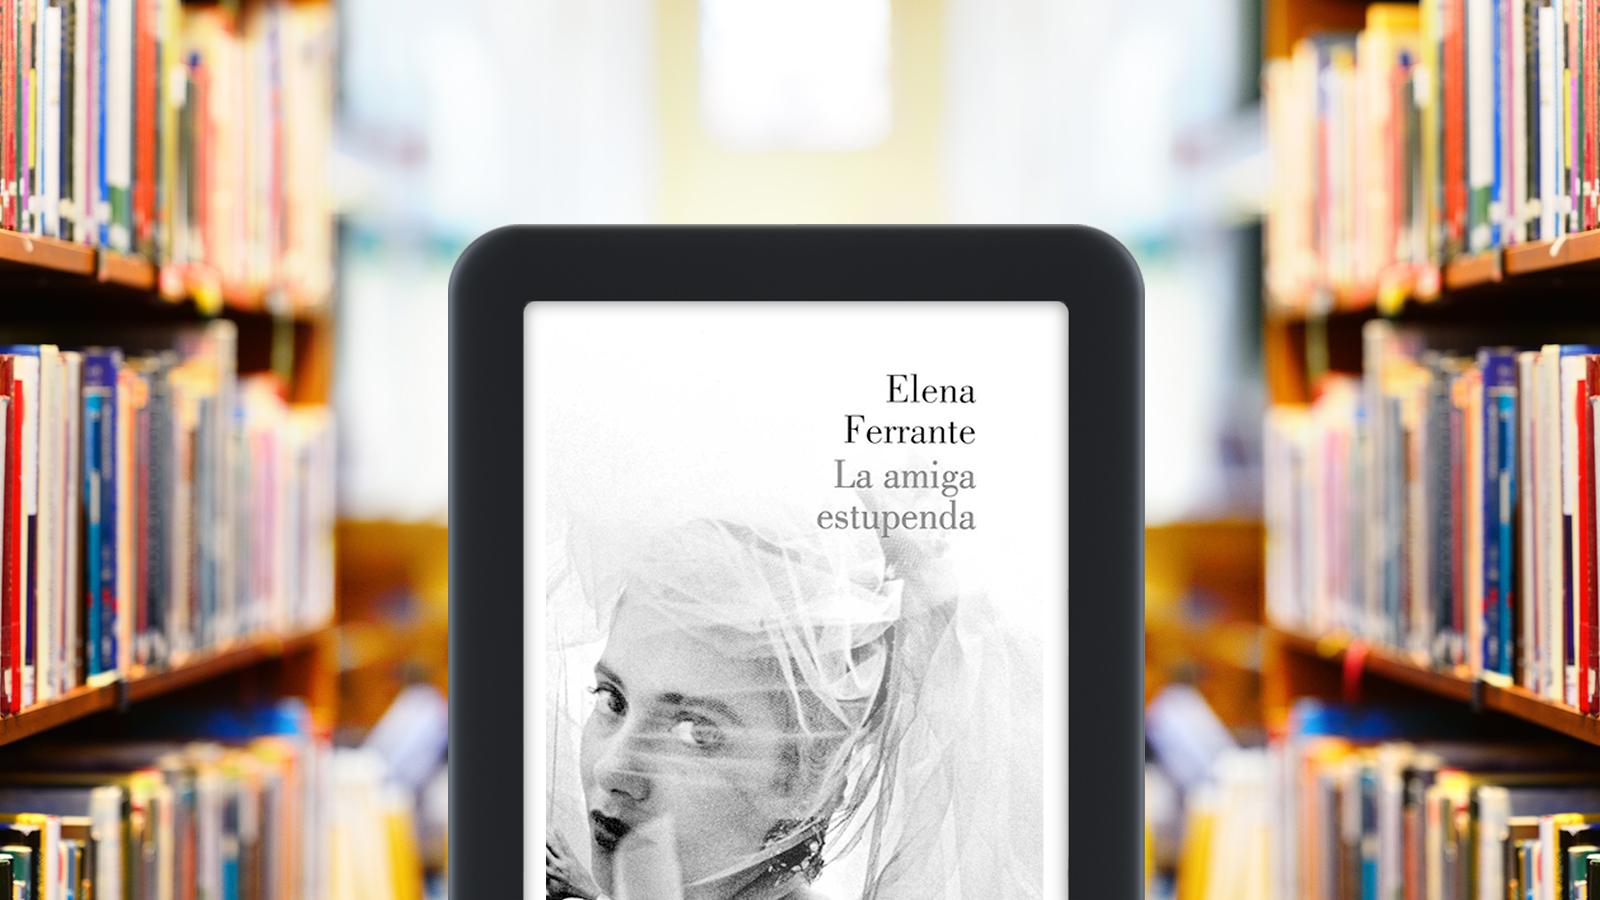 El nuevo lector de libros electrónicos BQ Cervantes 4